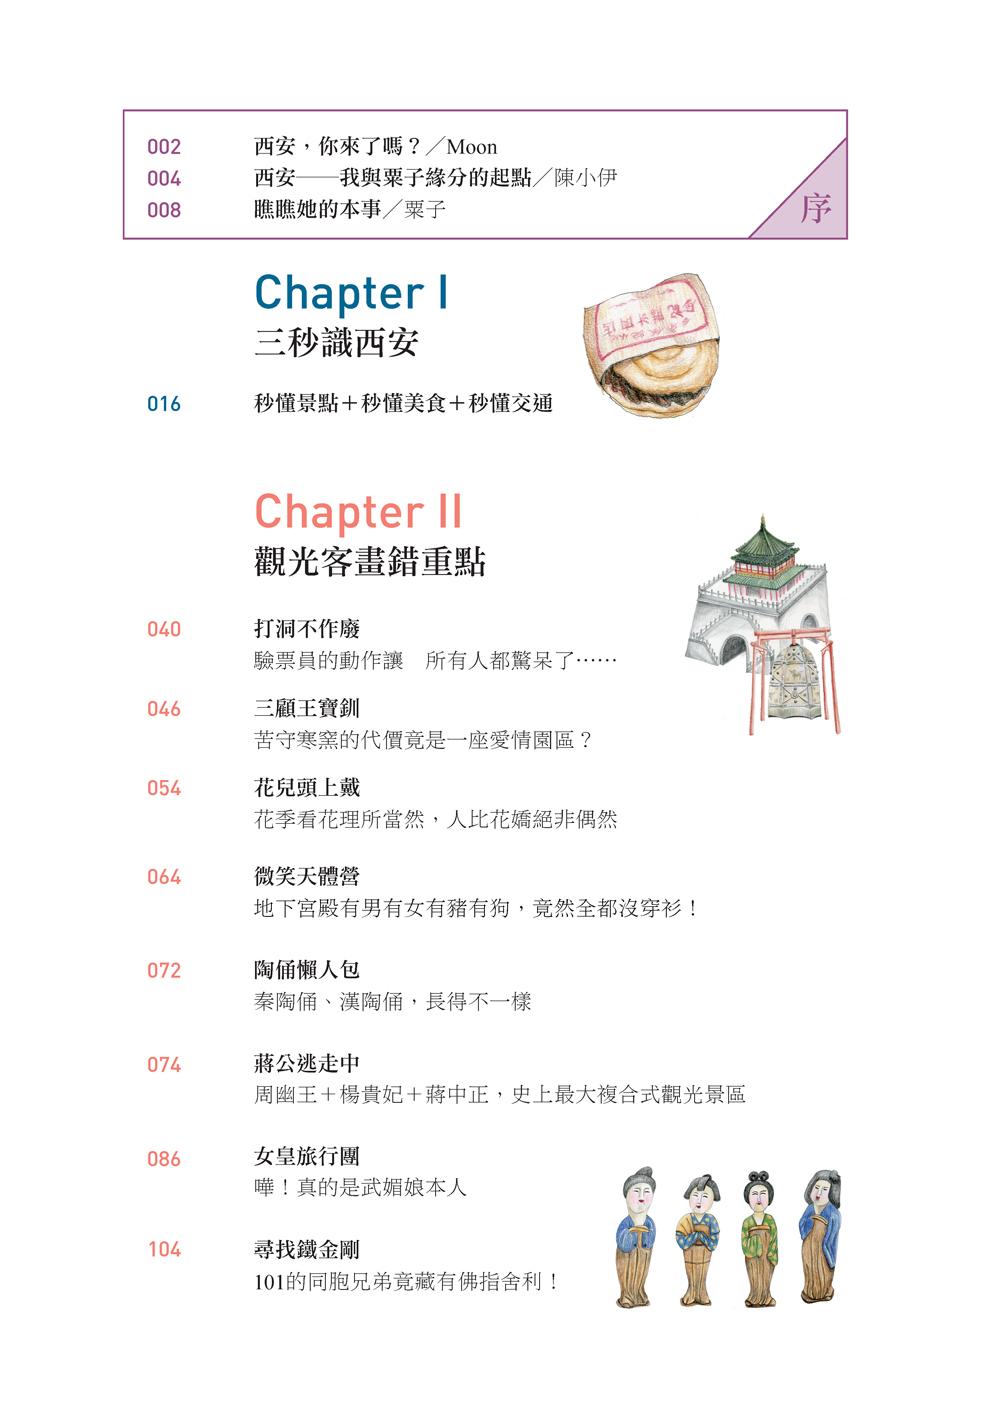 http://im2.book.com.tw/image/getImage?i=http://www.books.com.tw/img/001/071/93/0010719376_bi_01.jpg&v=57629c42&w=655&h=609